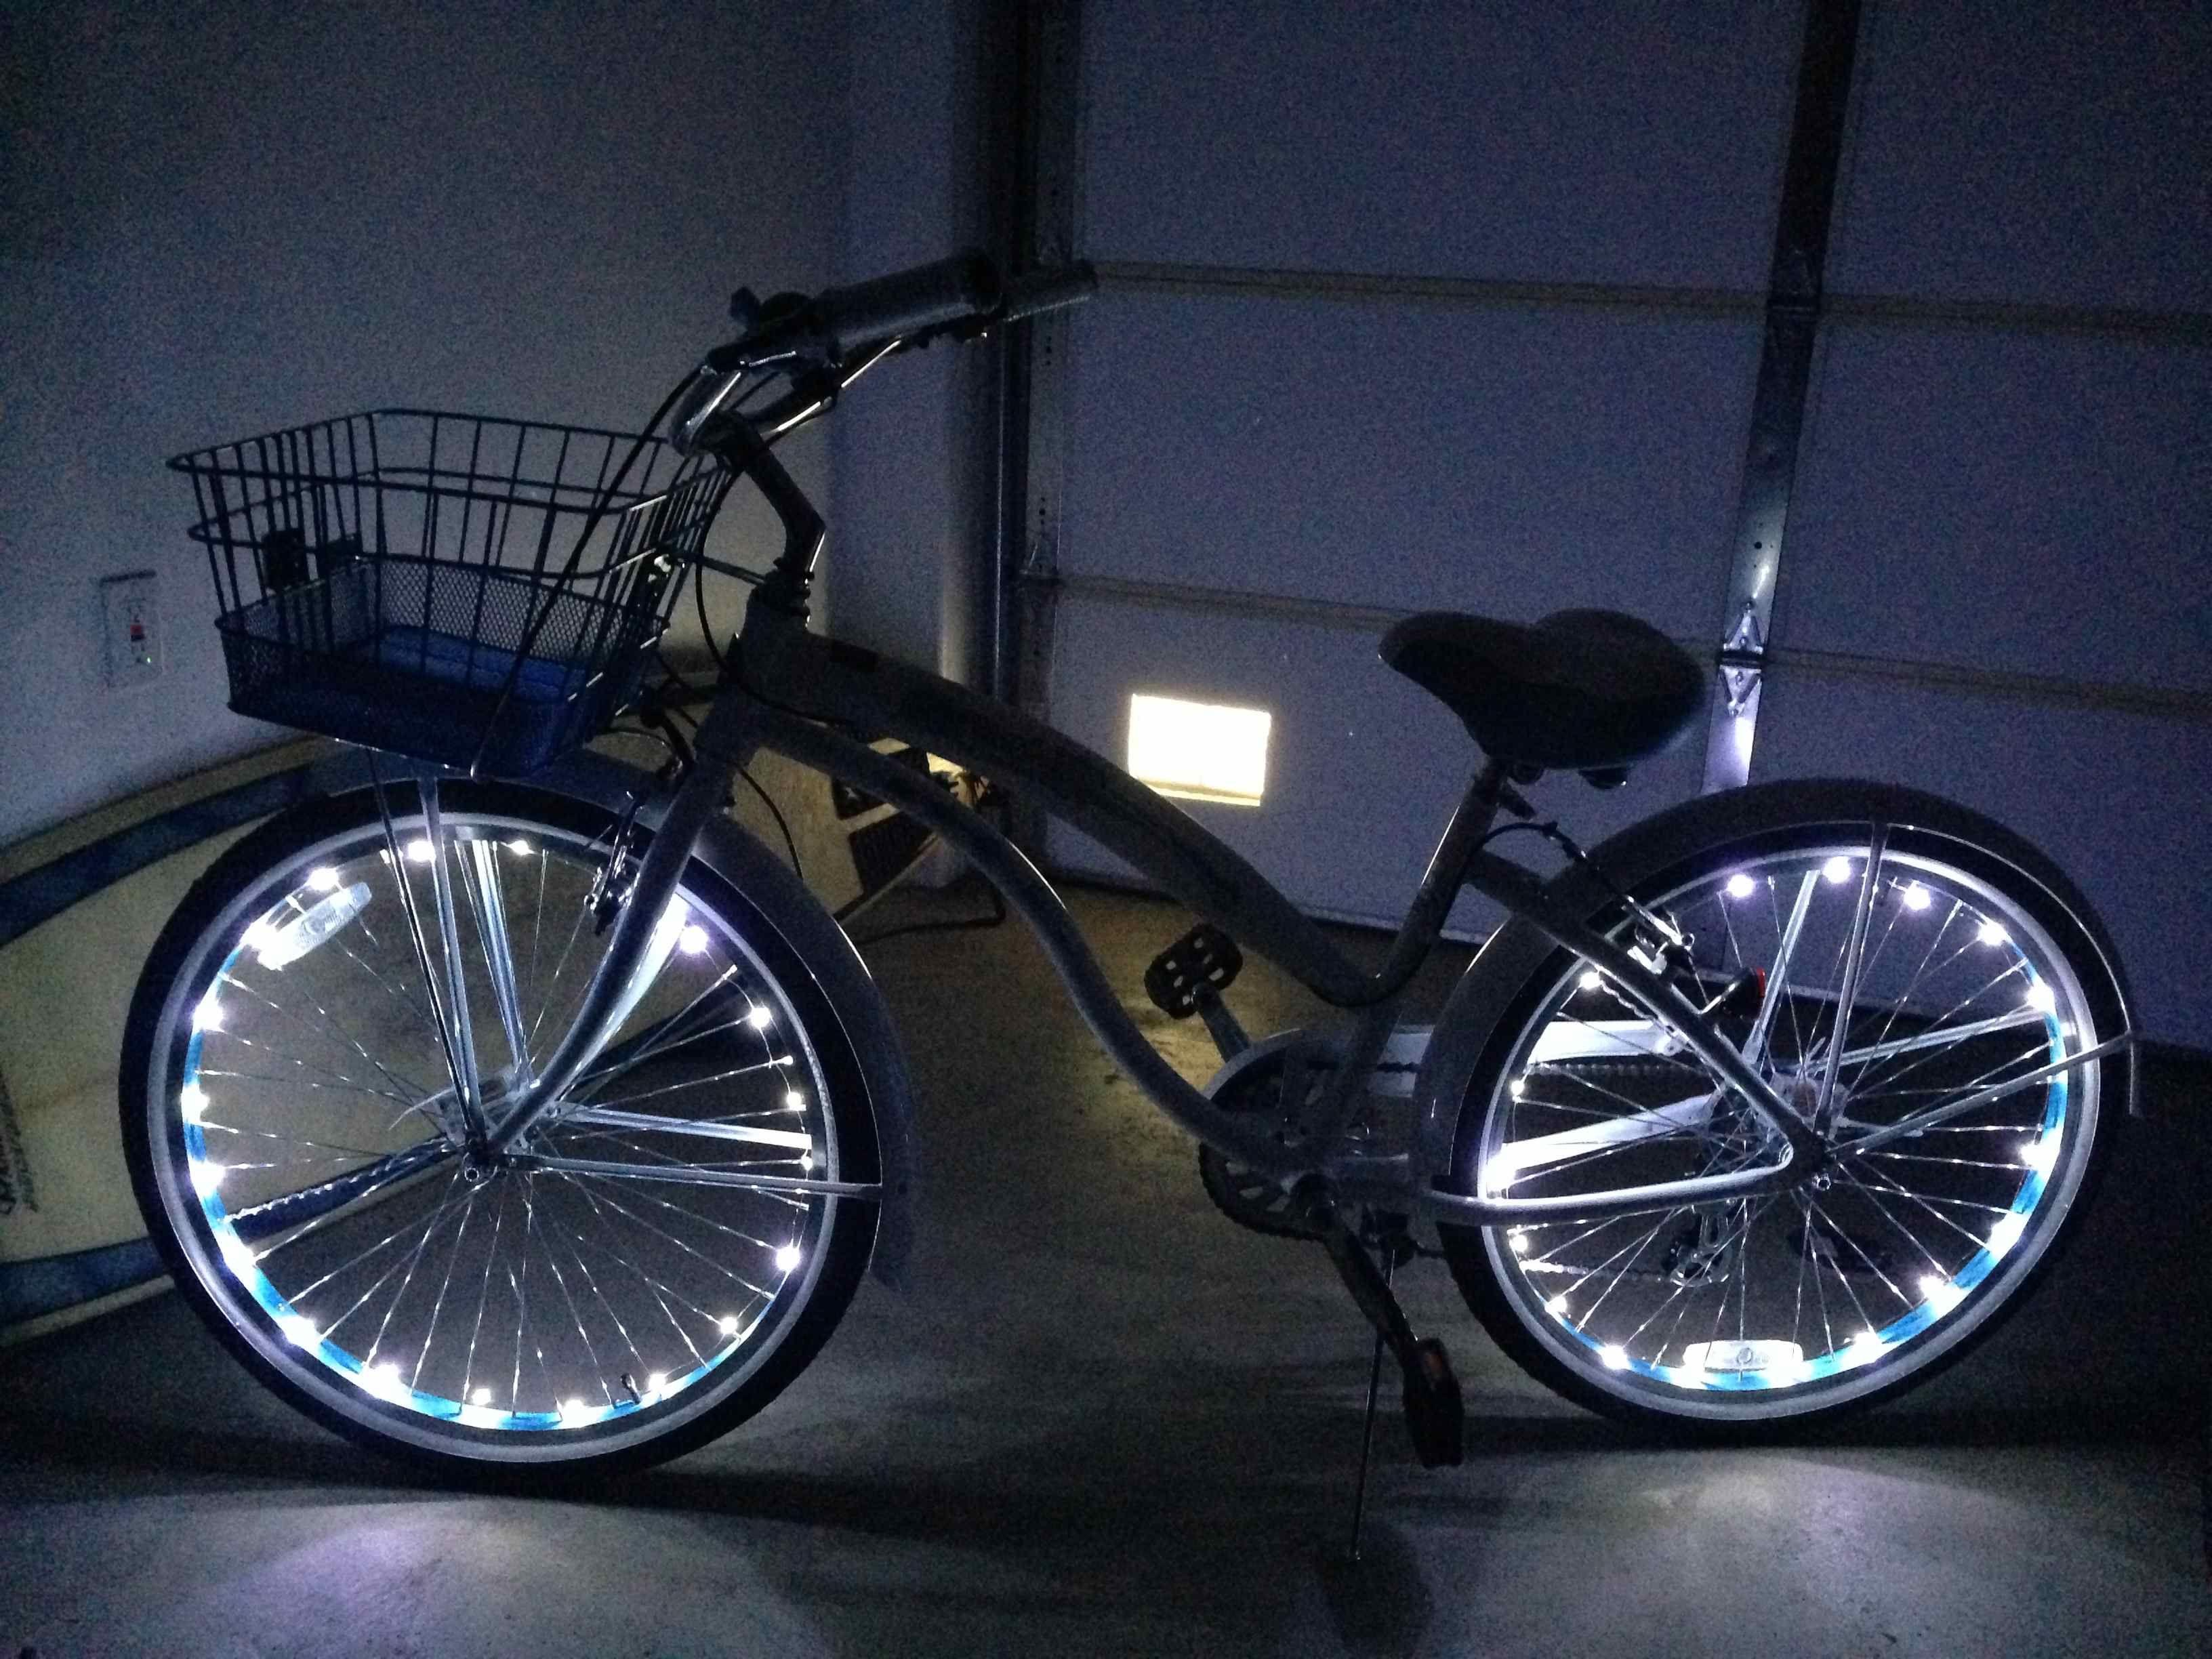 Beach Cruiser Wheel Lights Jpg 3 264 2 448 Pixels Bicycle Bell